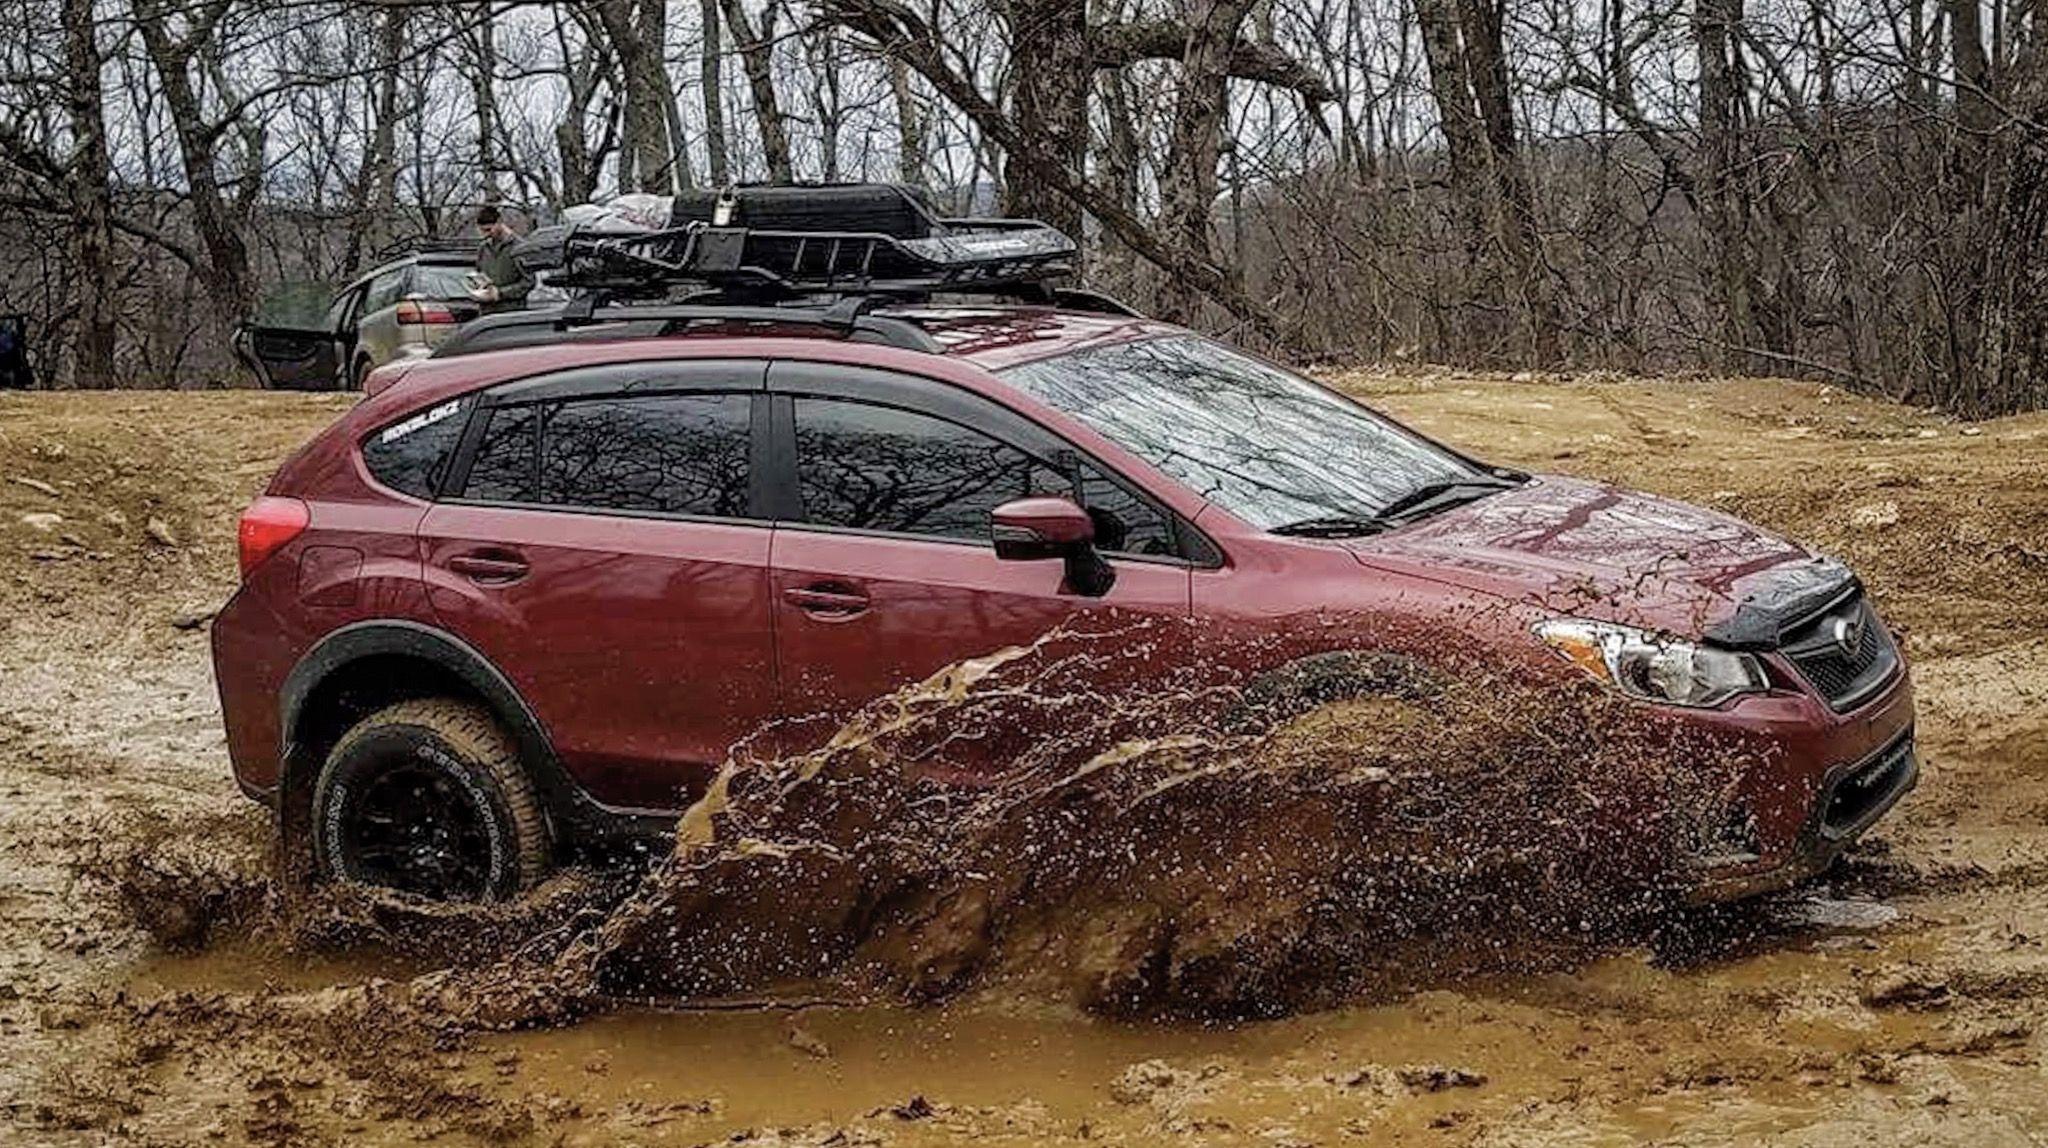 Subaru Xv Subaru Crosstrek Subaru Forester Subaru Outback